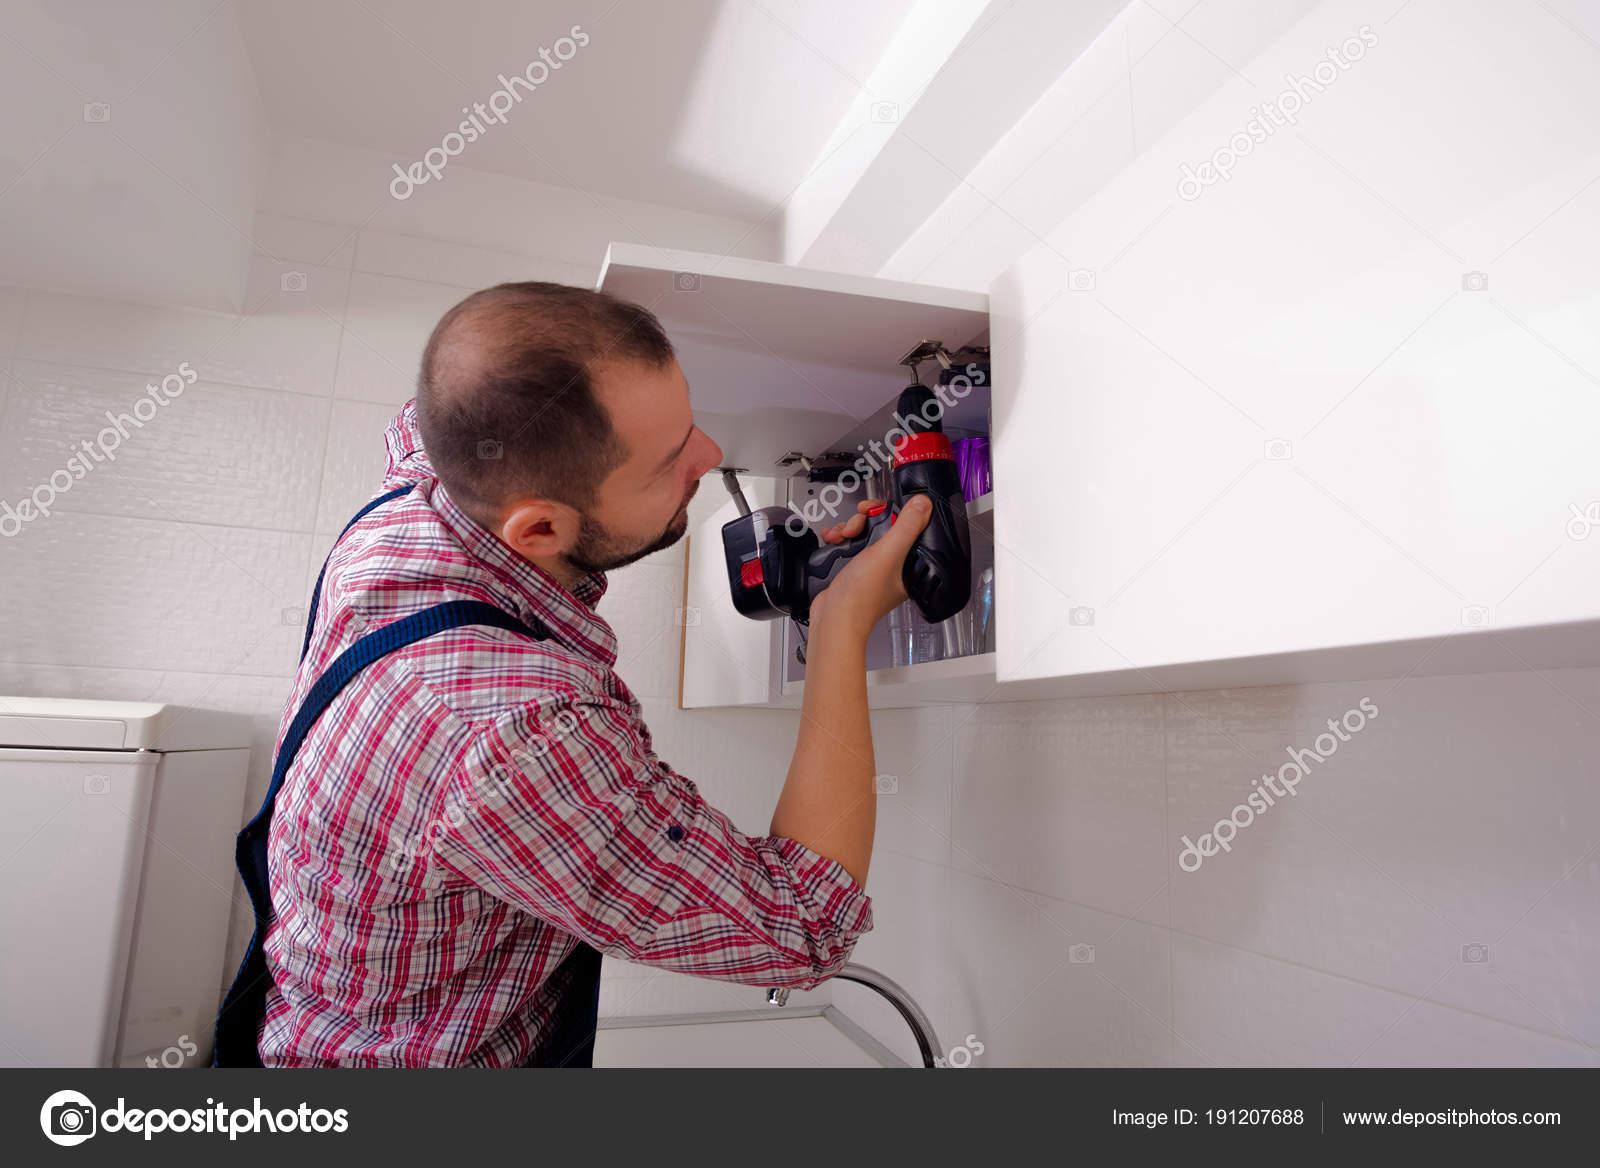 Handyman Repair Door Cabinet Kitchen Stock Photo C Gorgev 191207688